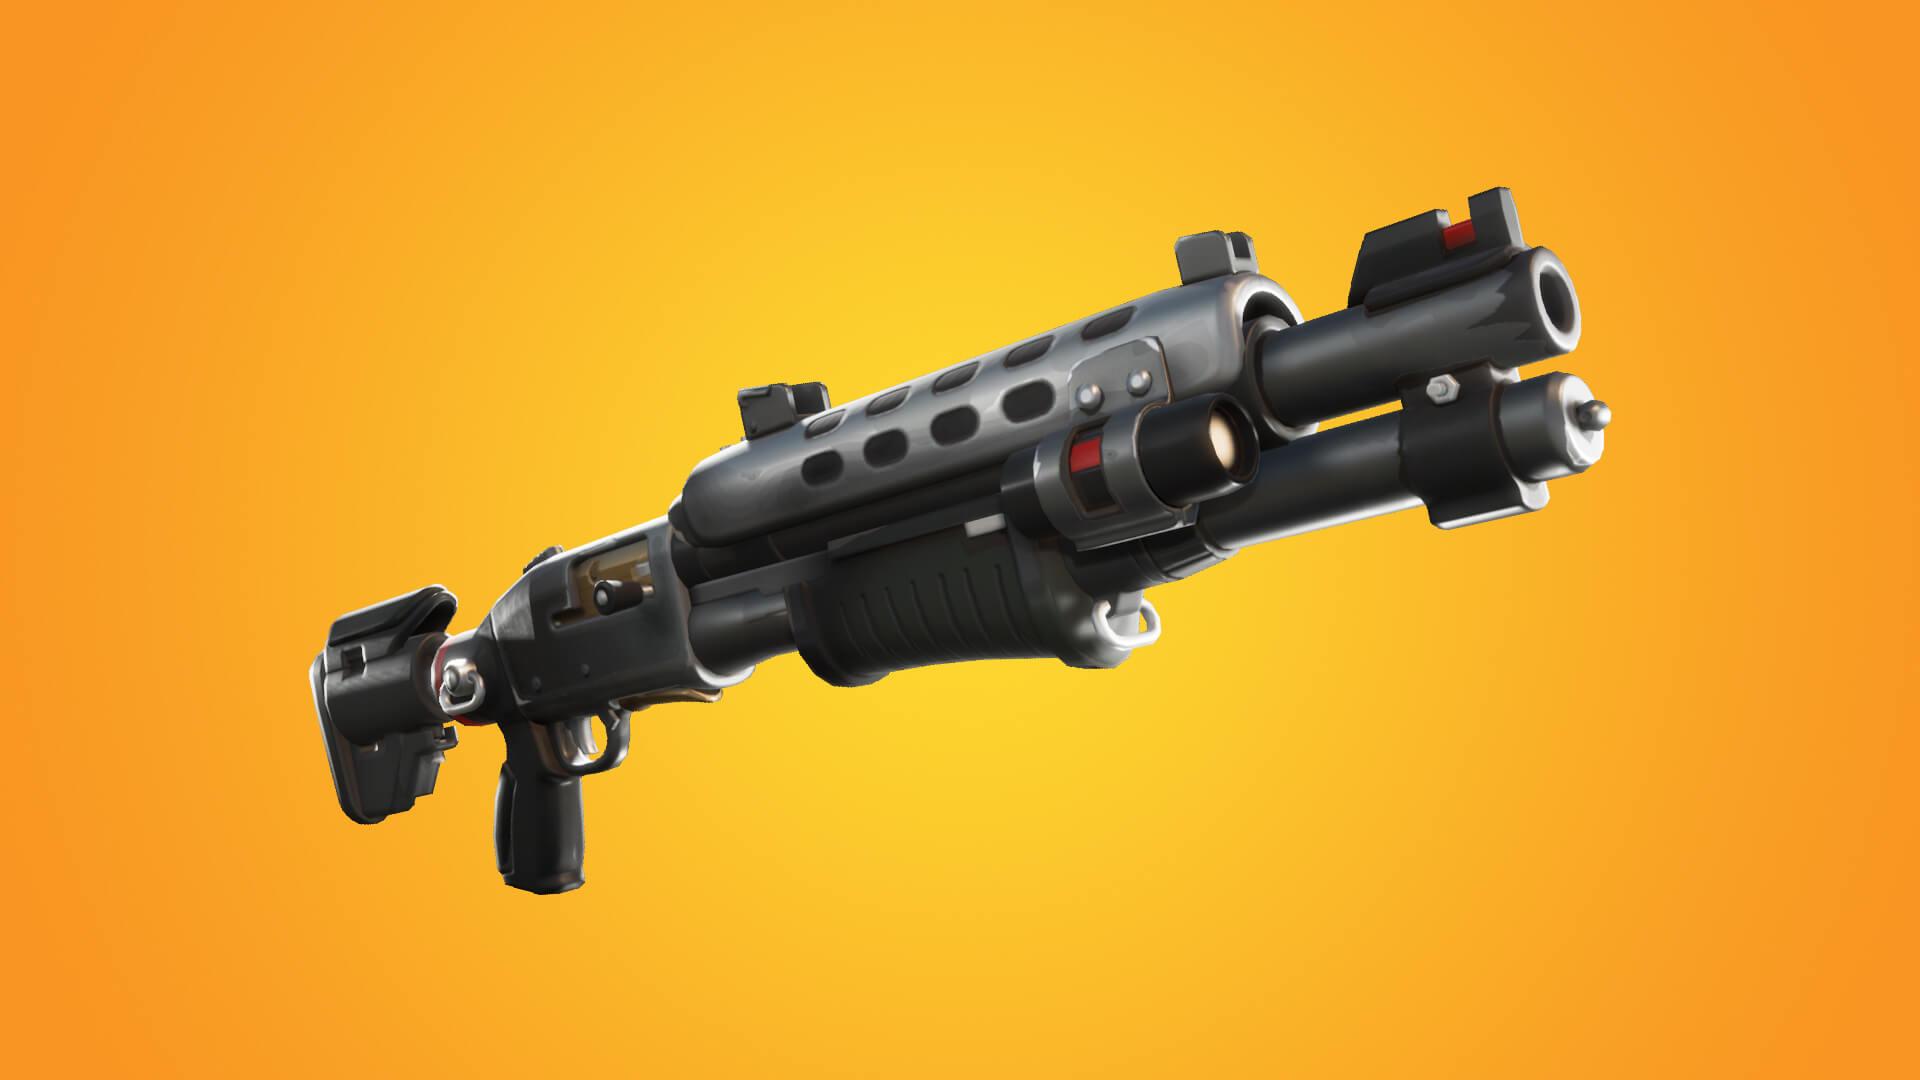 Fortnite-epic-tac-shotgun